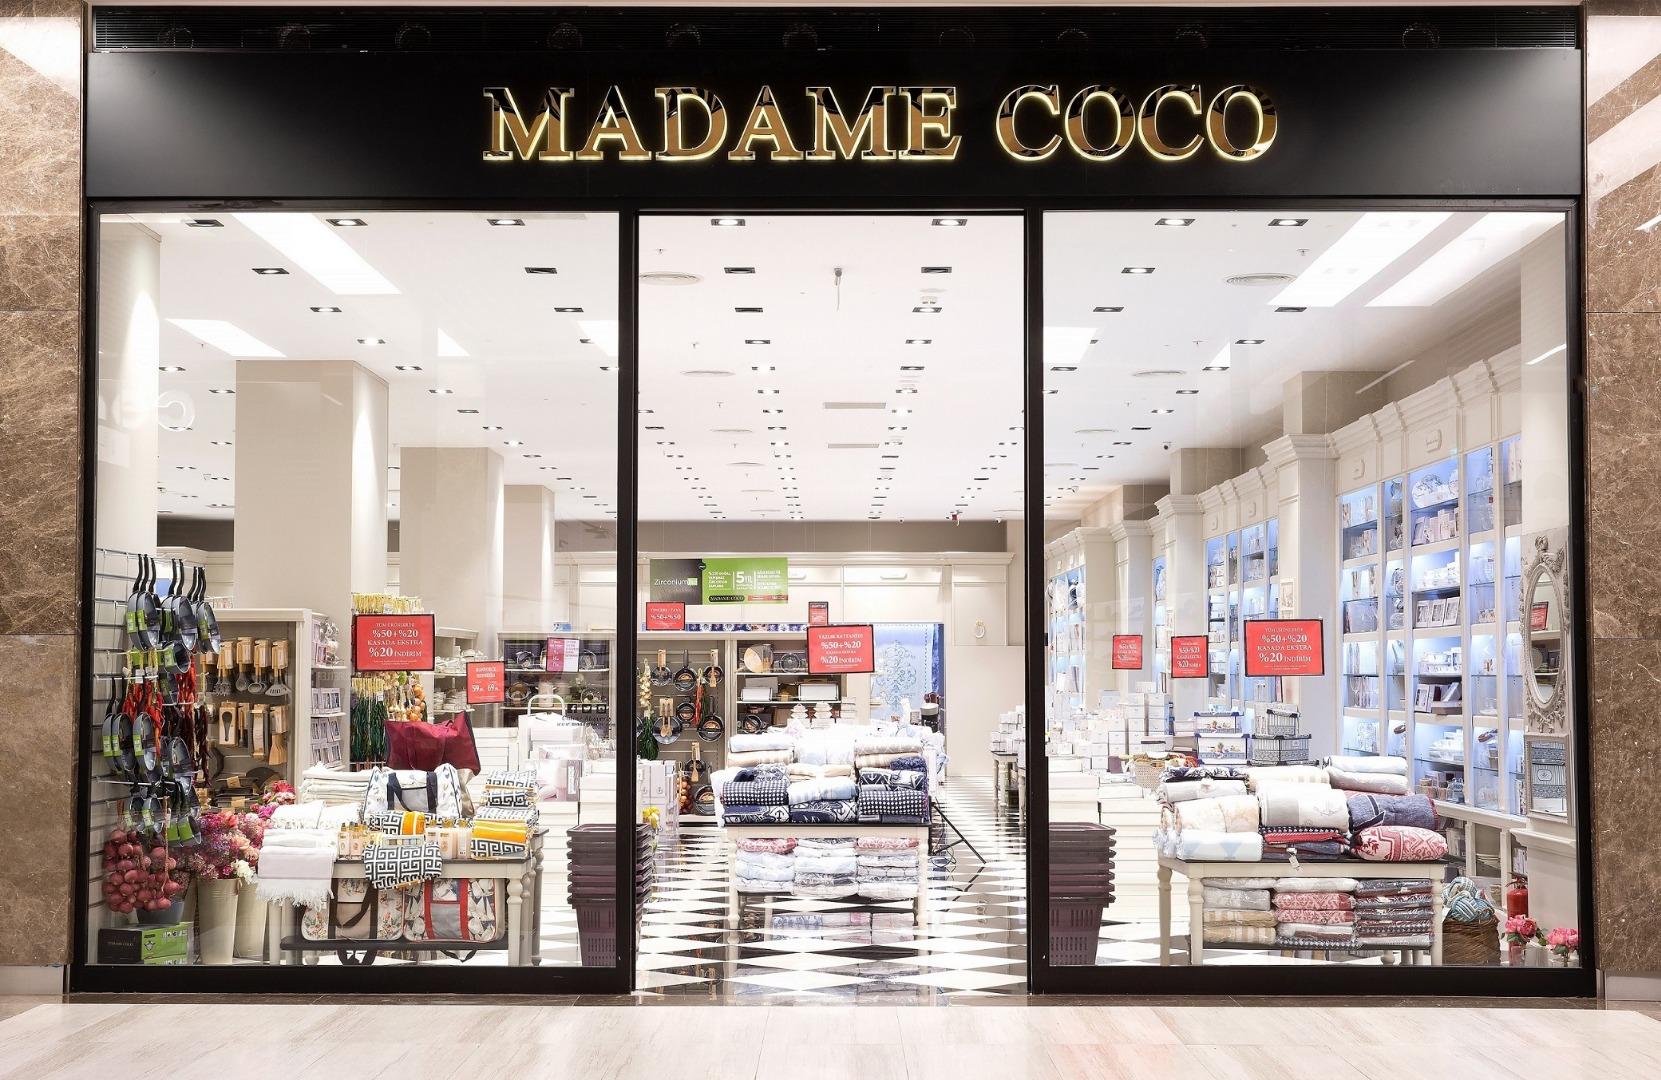 En çok tavsiye edilen marka Madame Coco oldu